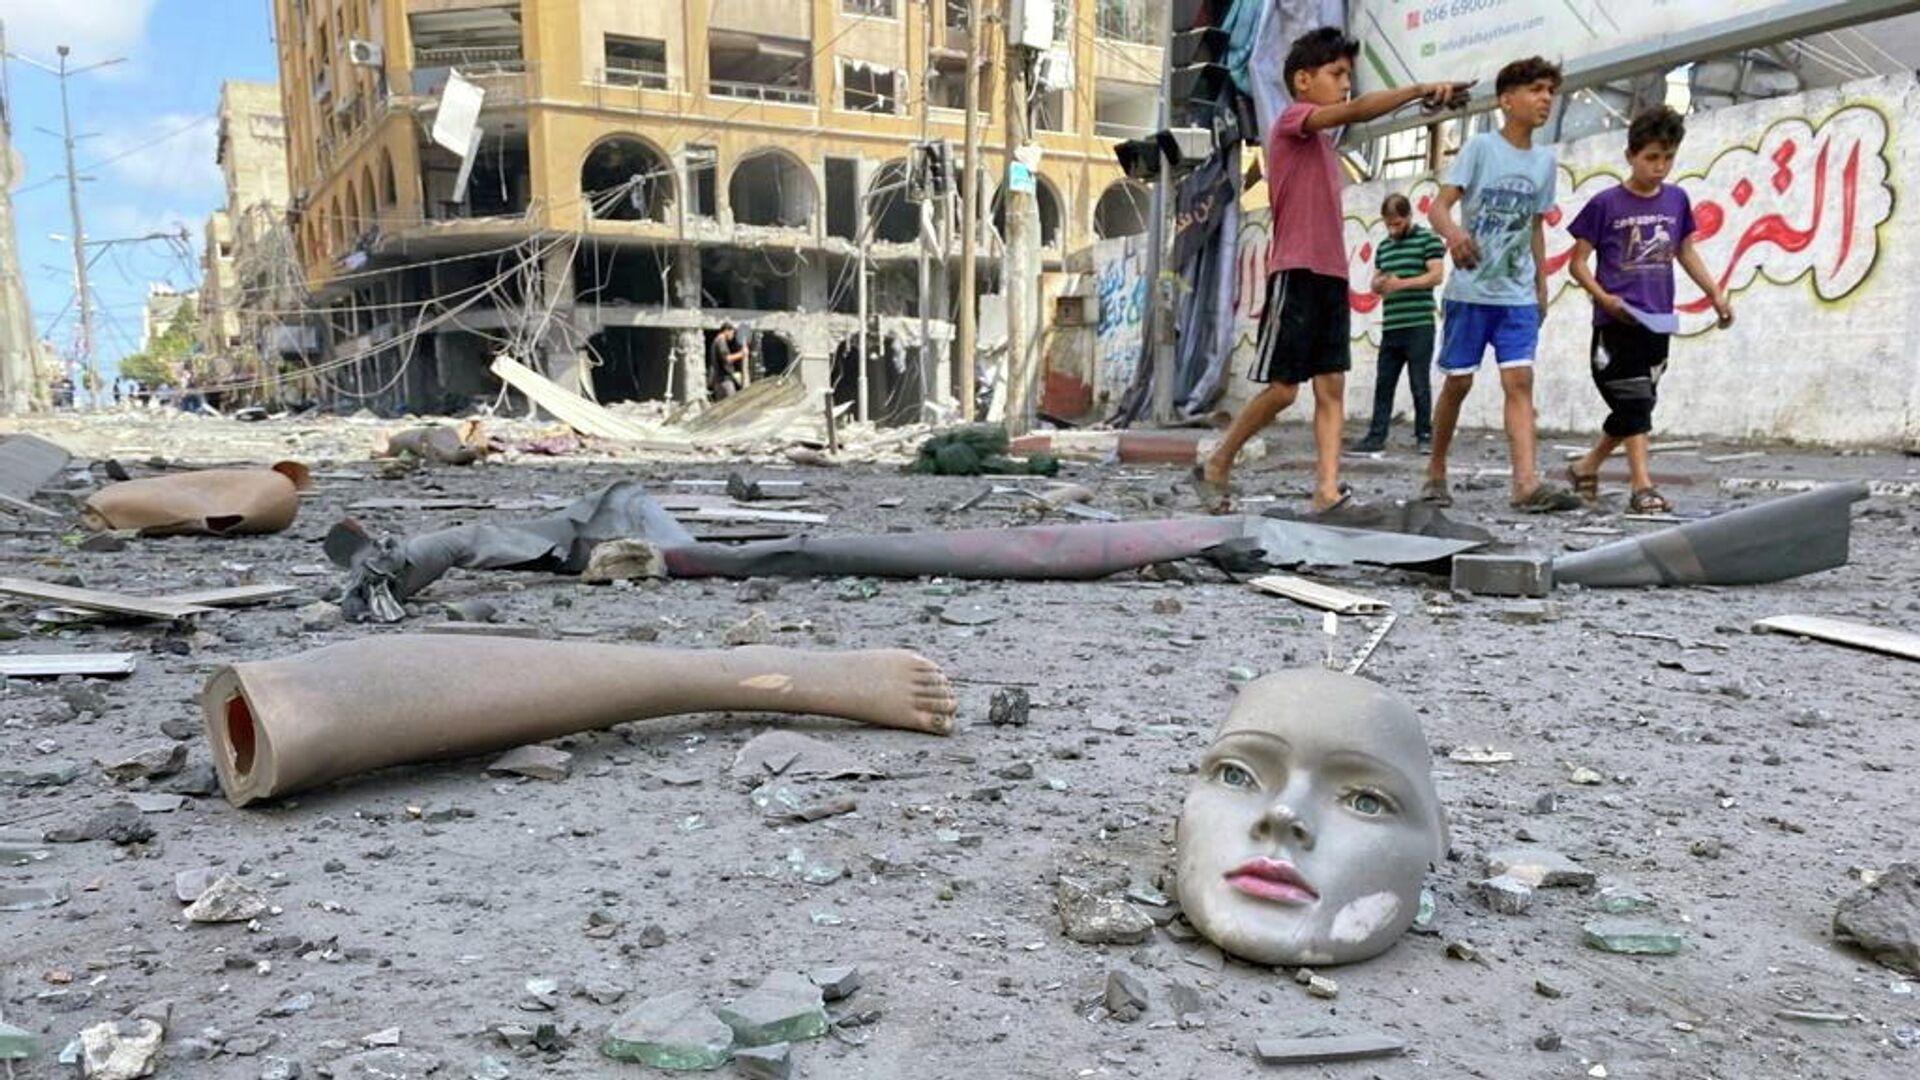 Последствия израильских воздушных ударов в Газе - РИА Новости, 1920, 12.05.2021